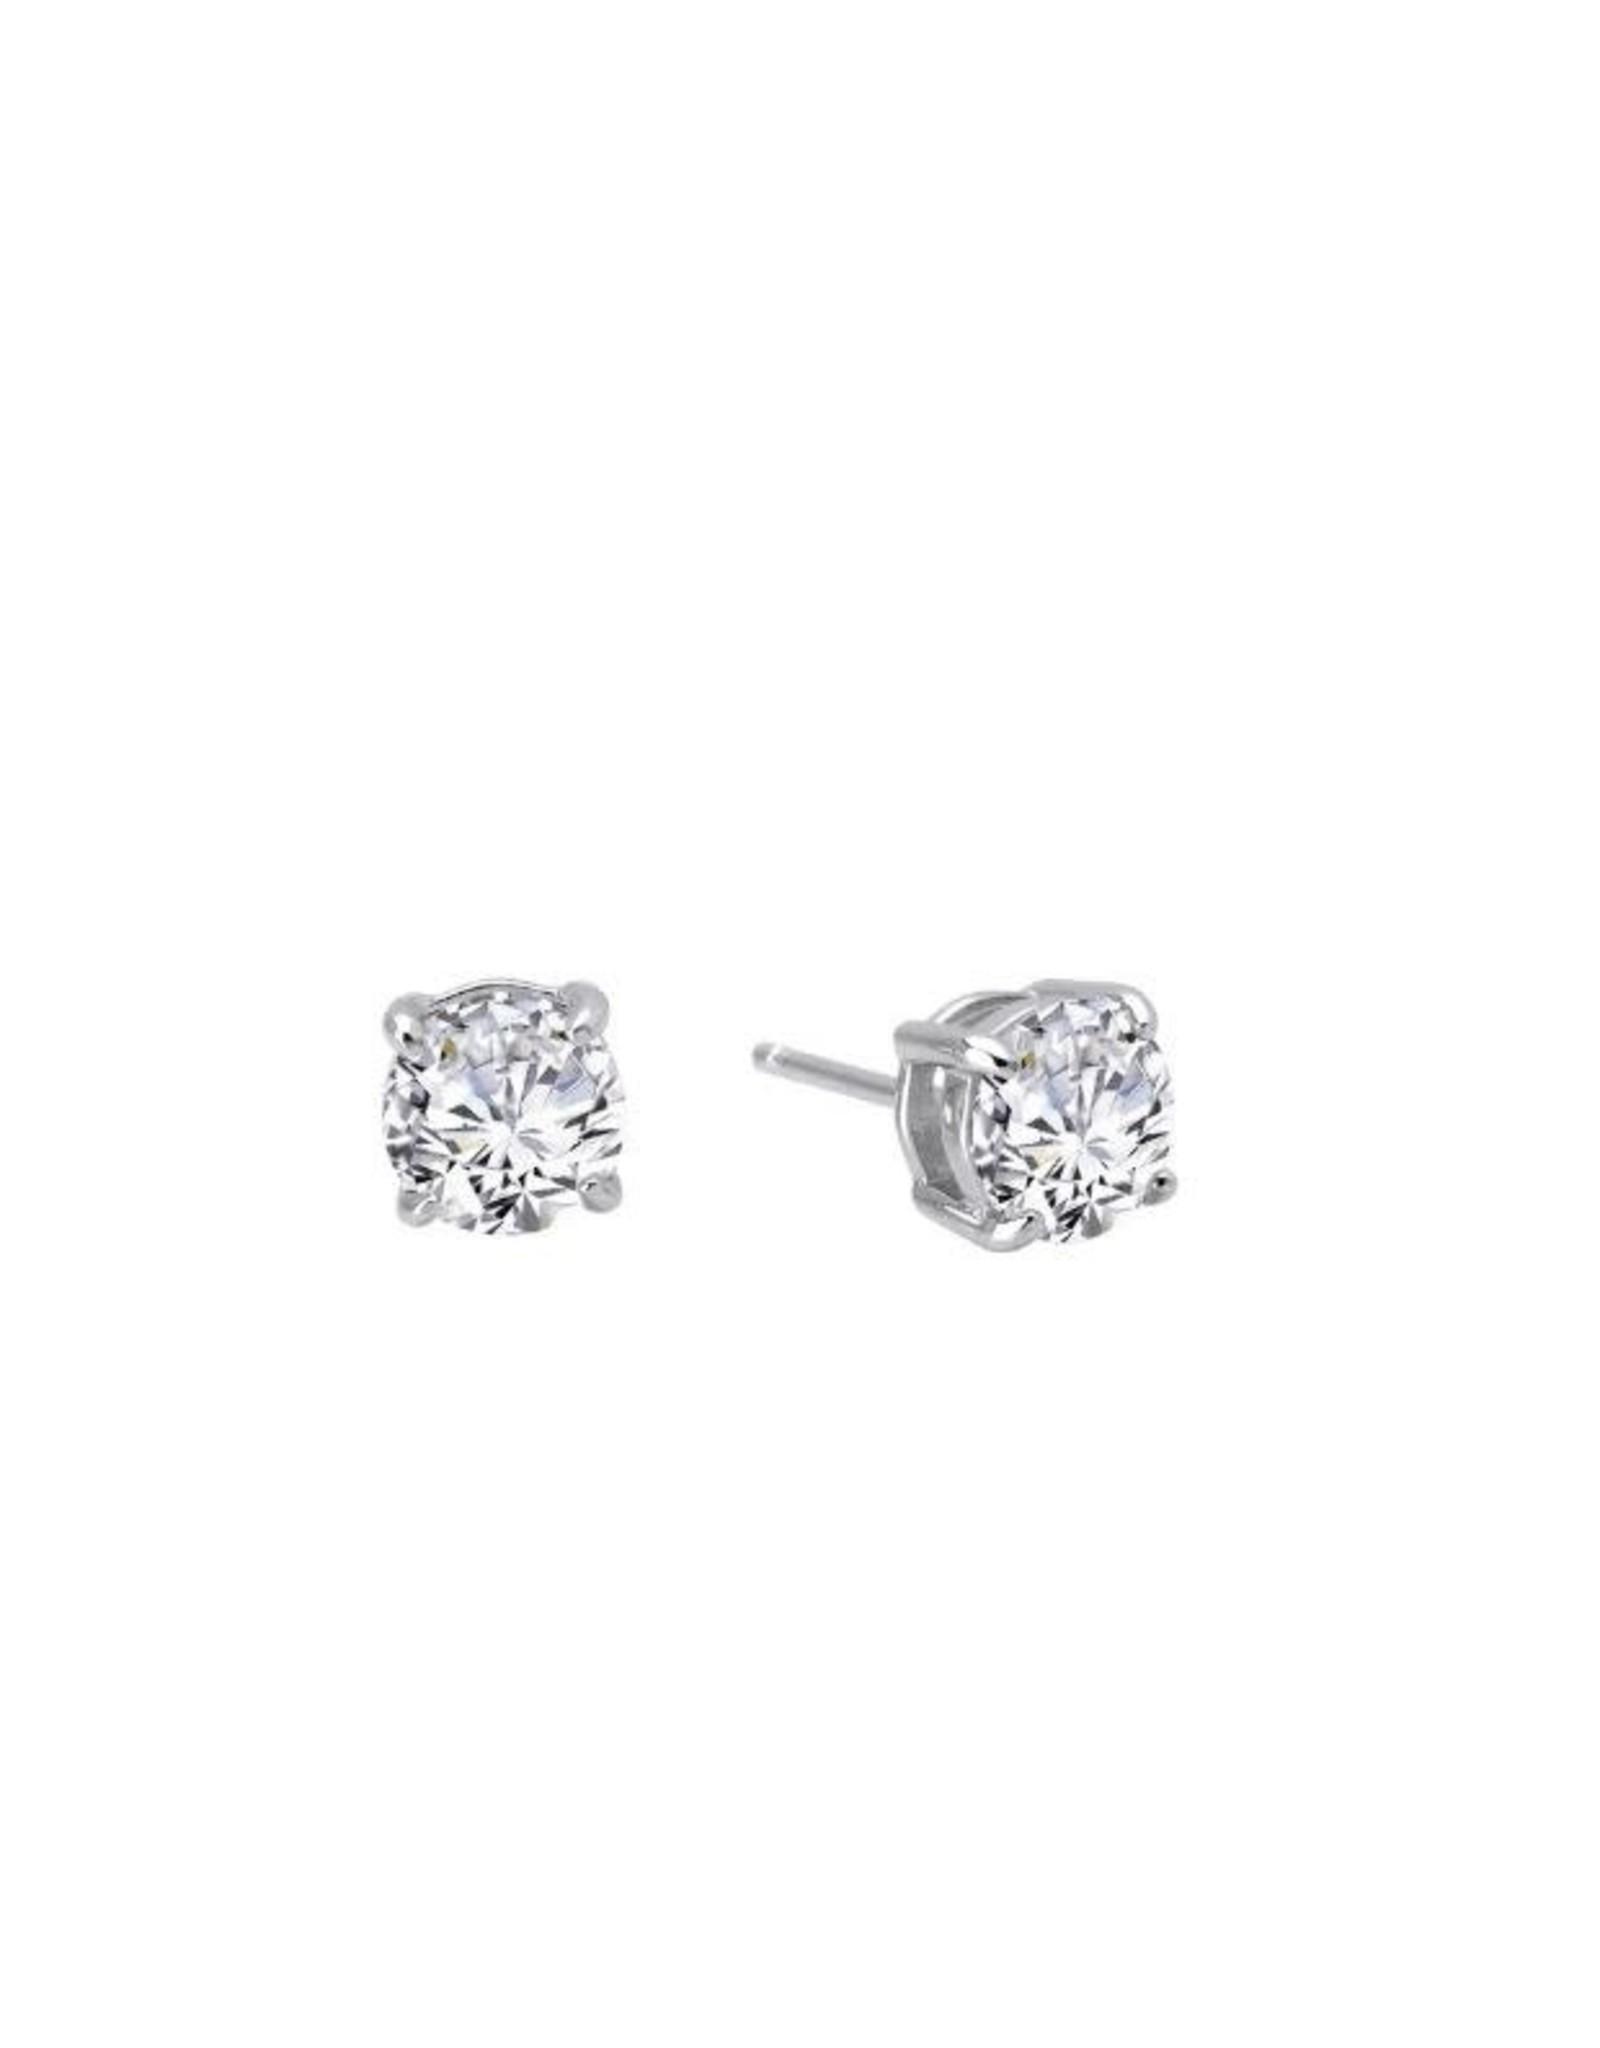 Silver Zirconia Stud Earrings, CZ: 1.50cts